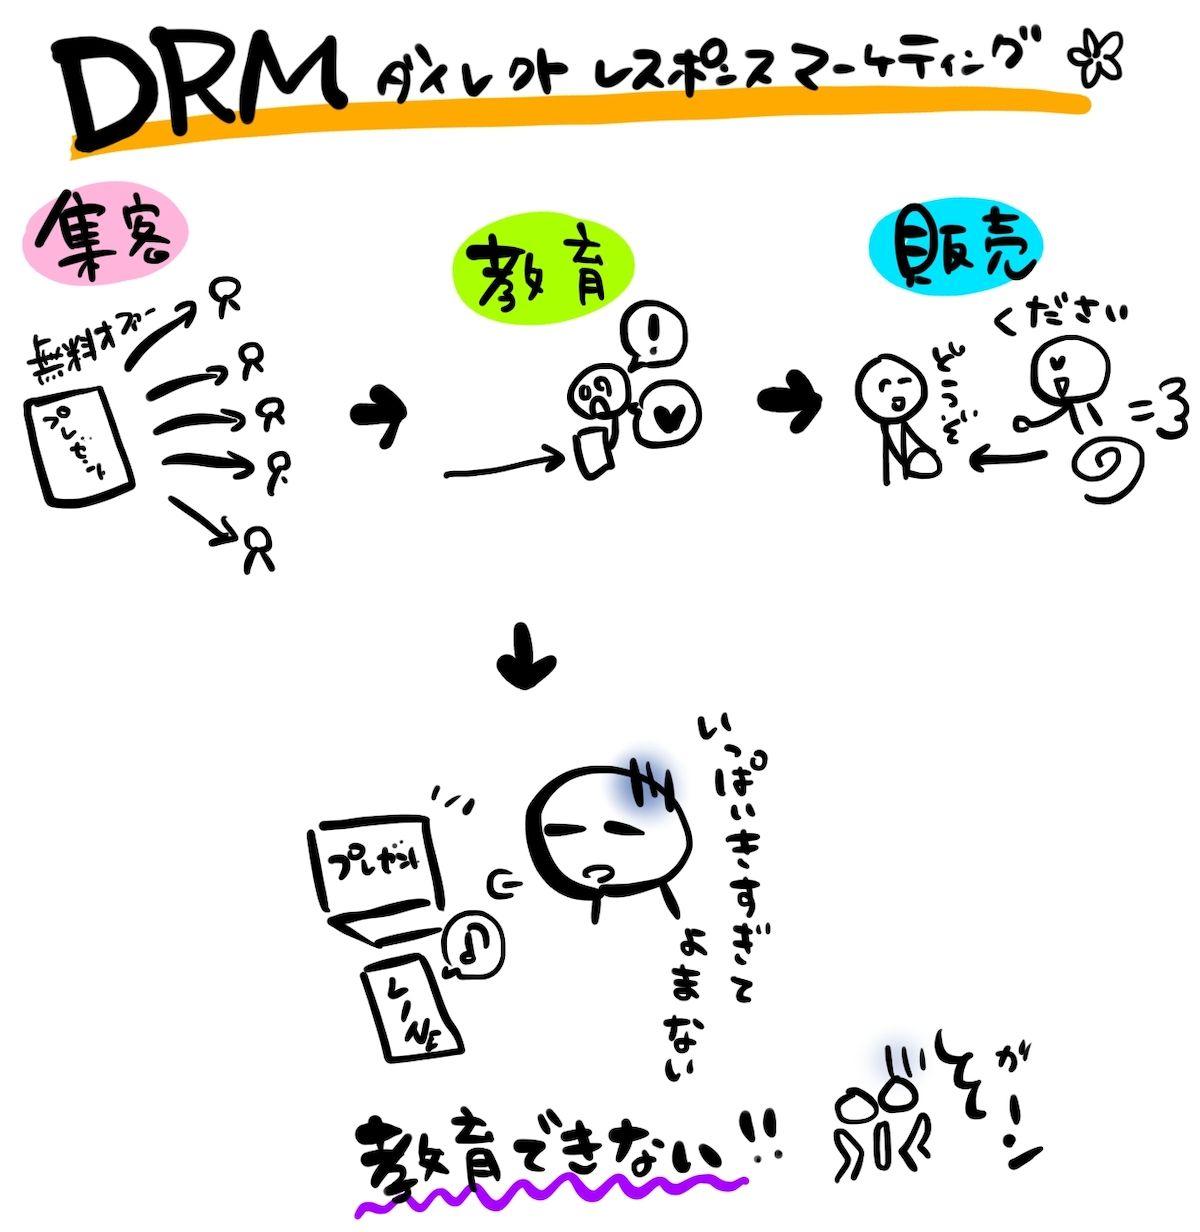 DRM03.jpg